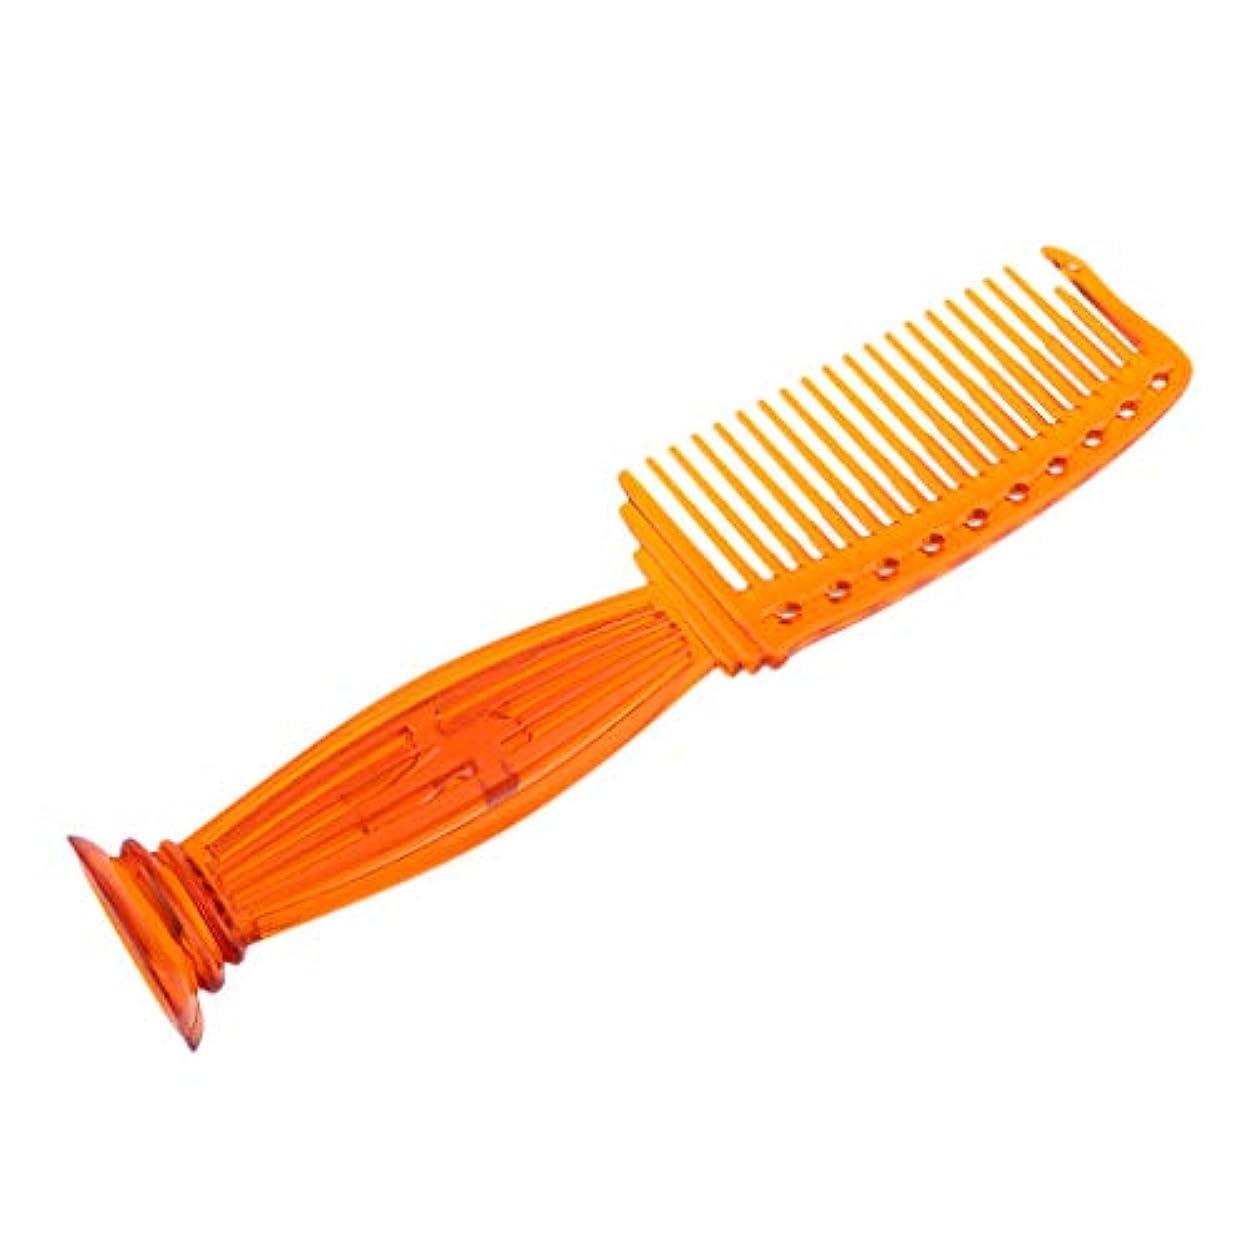 クラッチ分析する慈善ヘアコーム ヘアブラシ プラスチック櫛 ワイド歯 プロ ヘアサロン 理髪師 全5色選べ - オレンジ